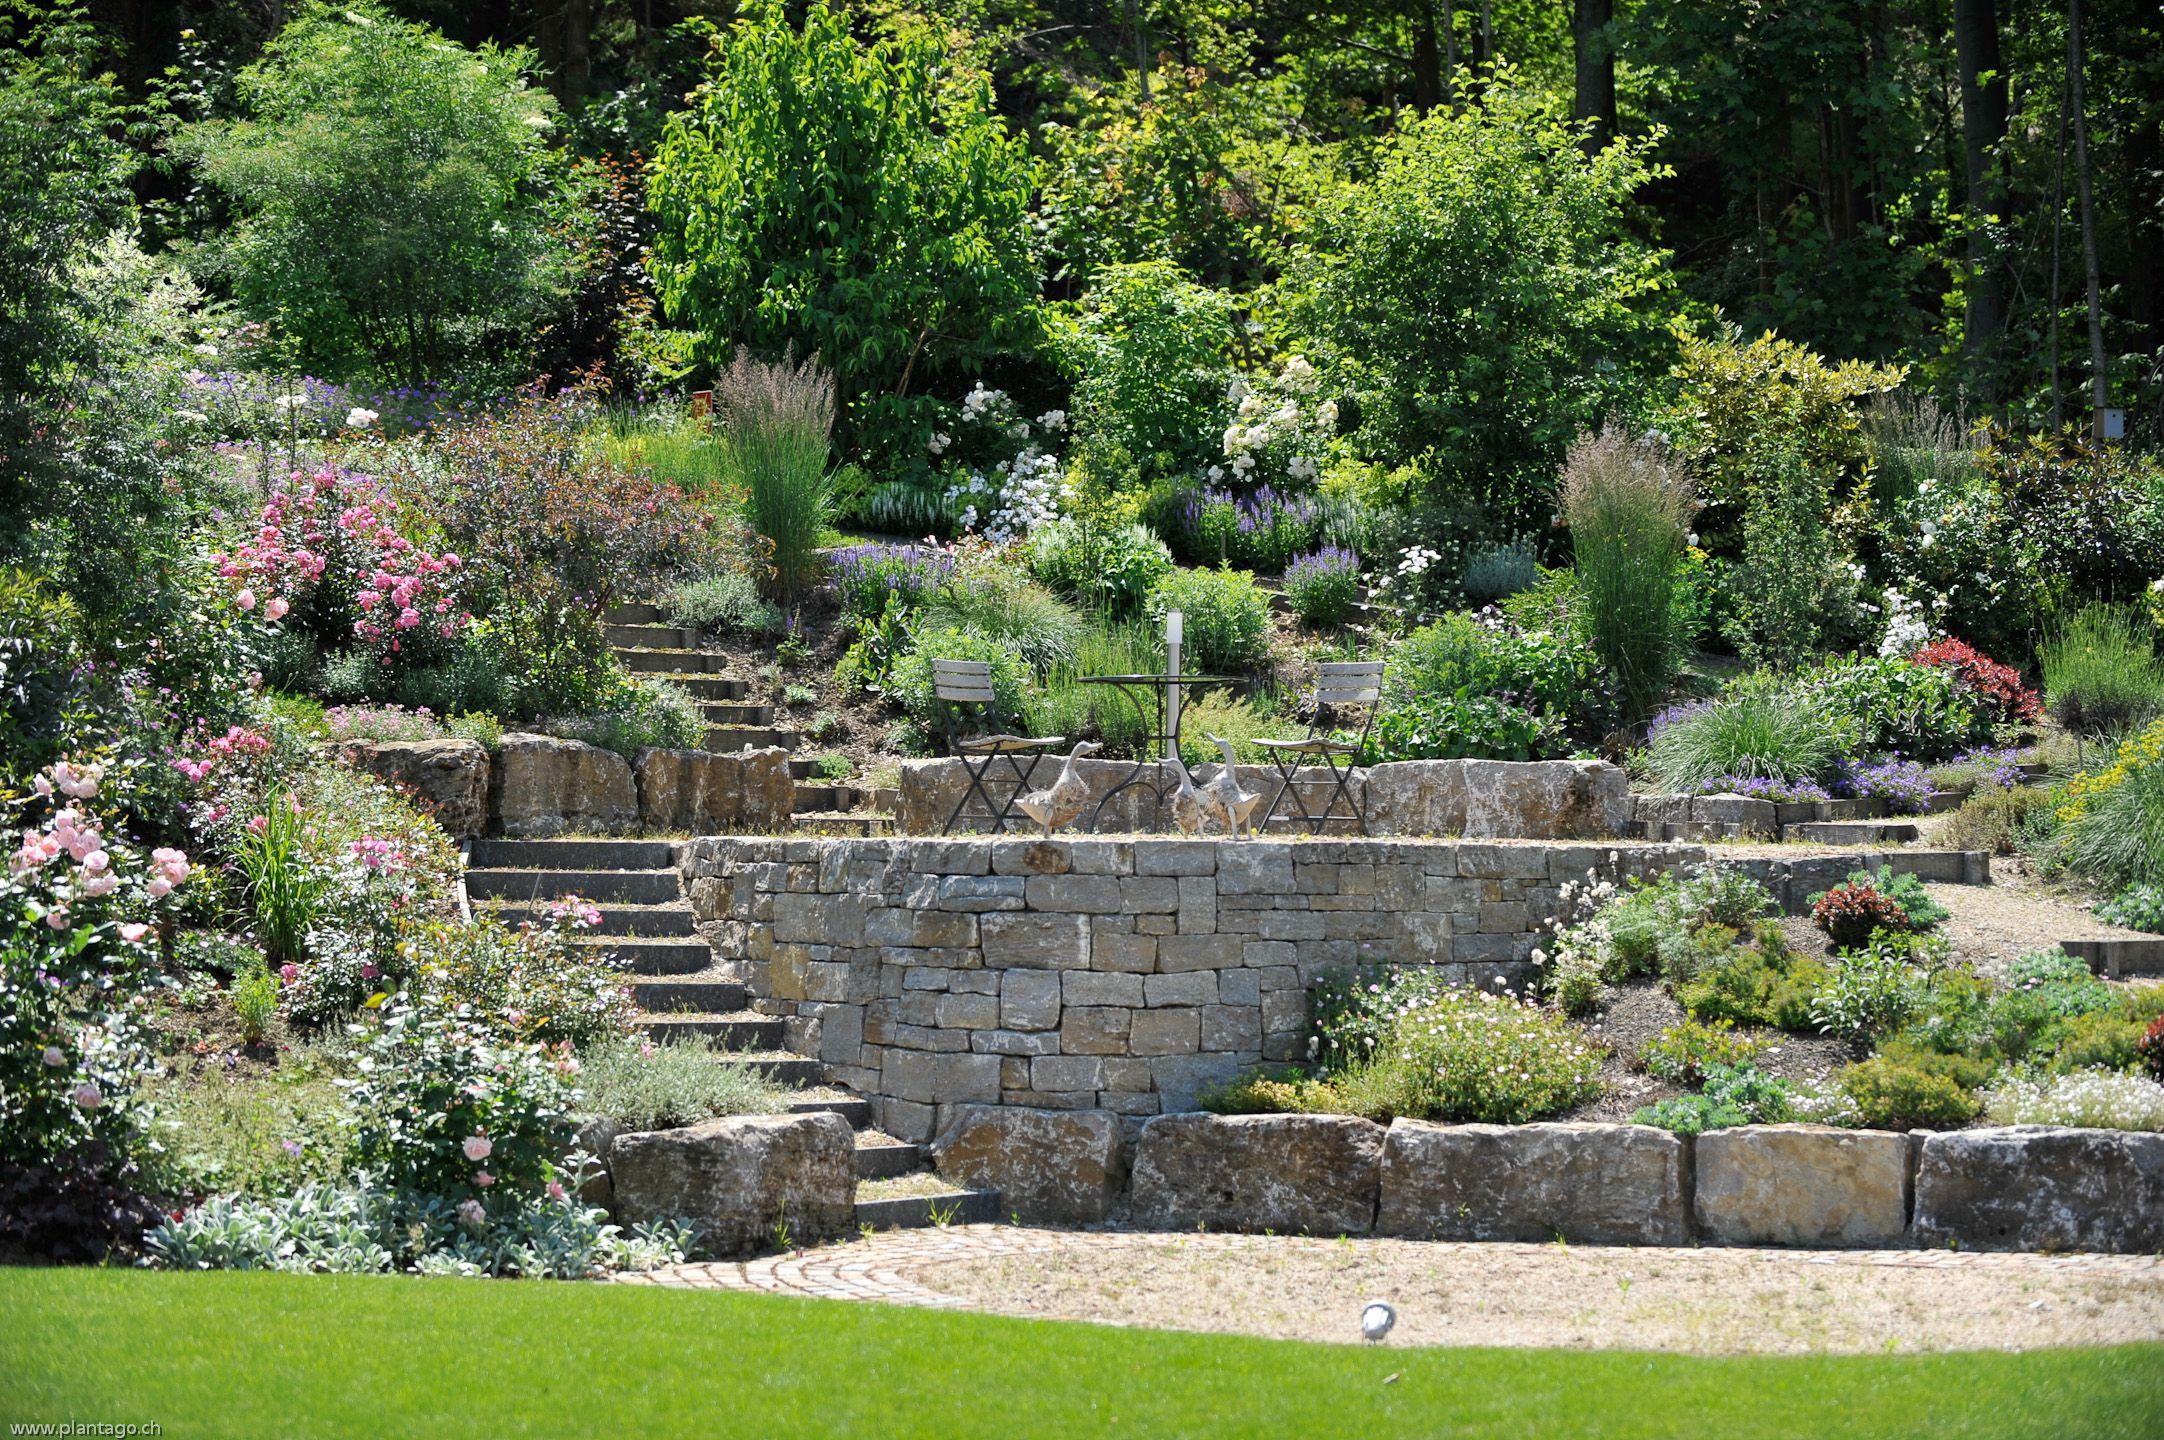 Garten plantago gartengestaltung baumknospen for Gartengestaltung verschiedene ebenen